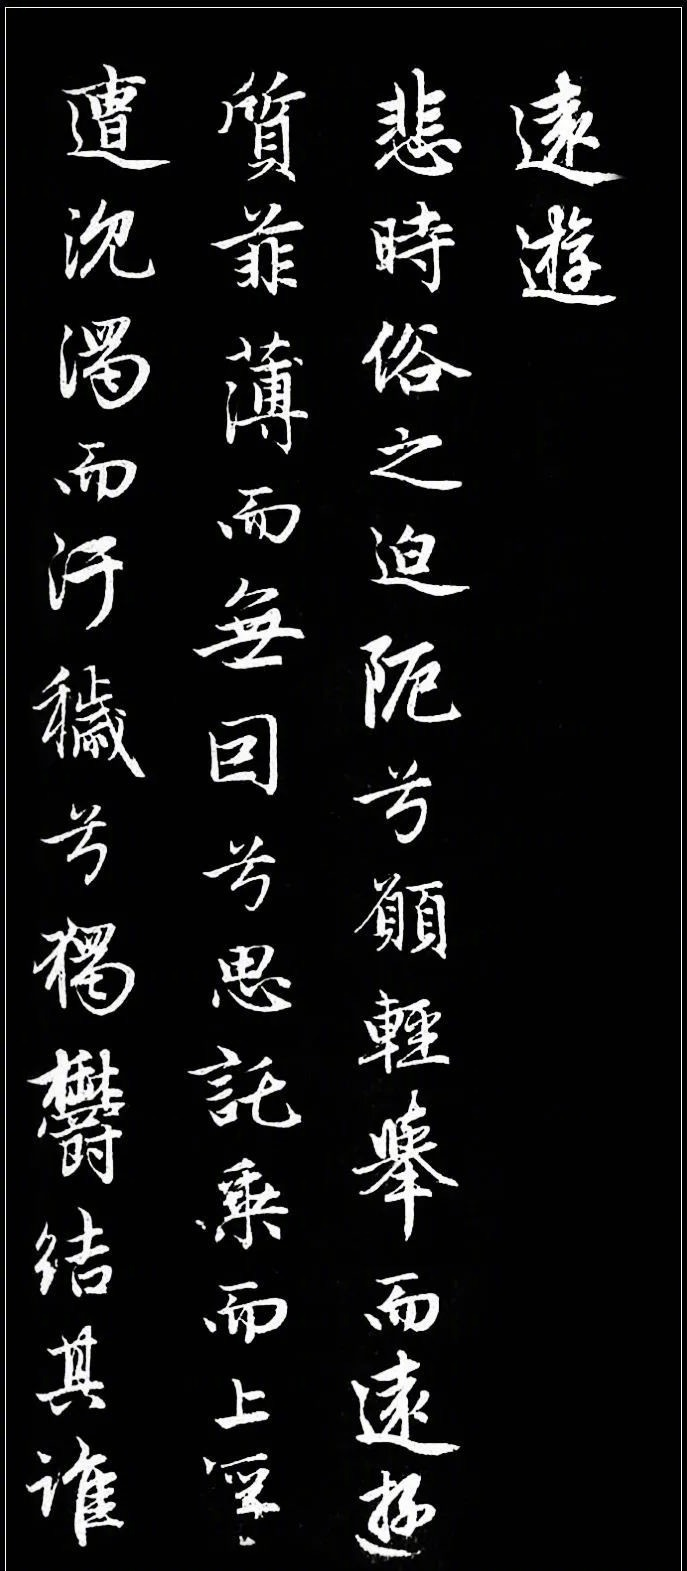 赵孟頫50岁书屈原《远游》